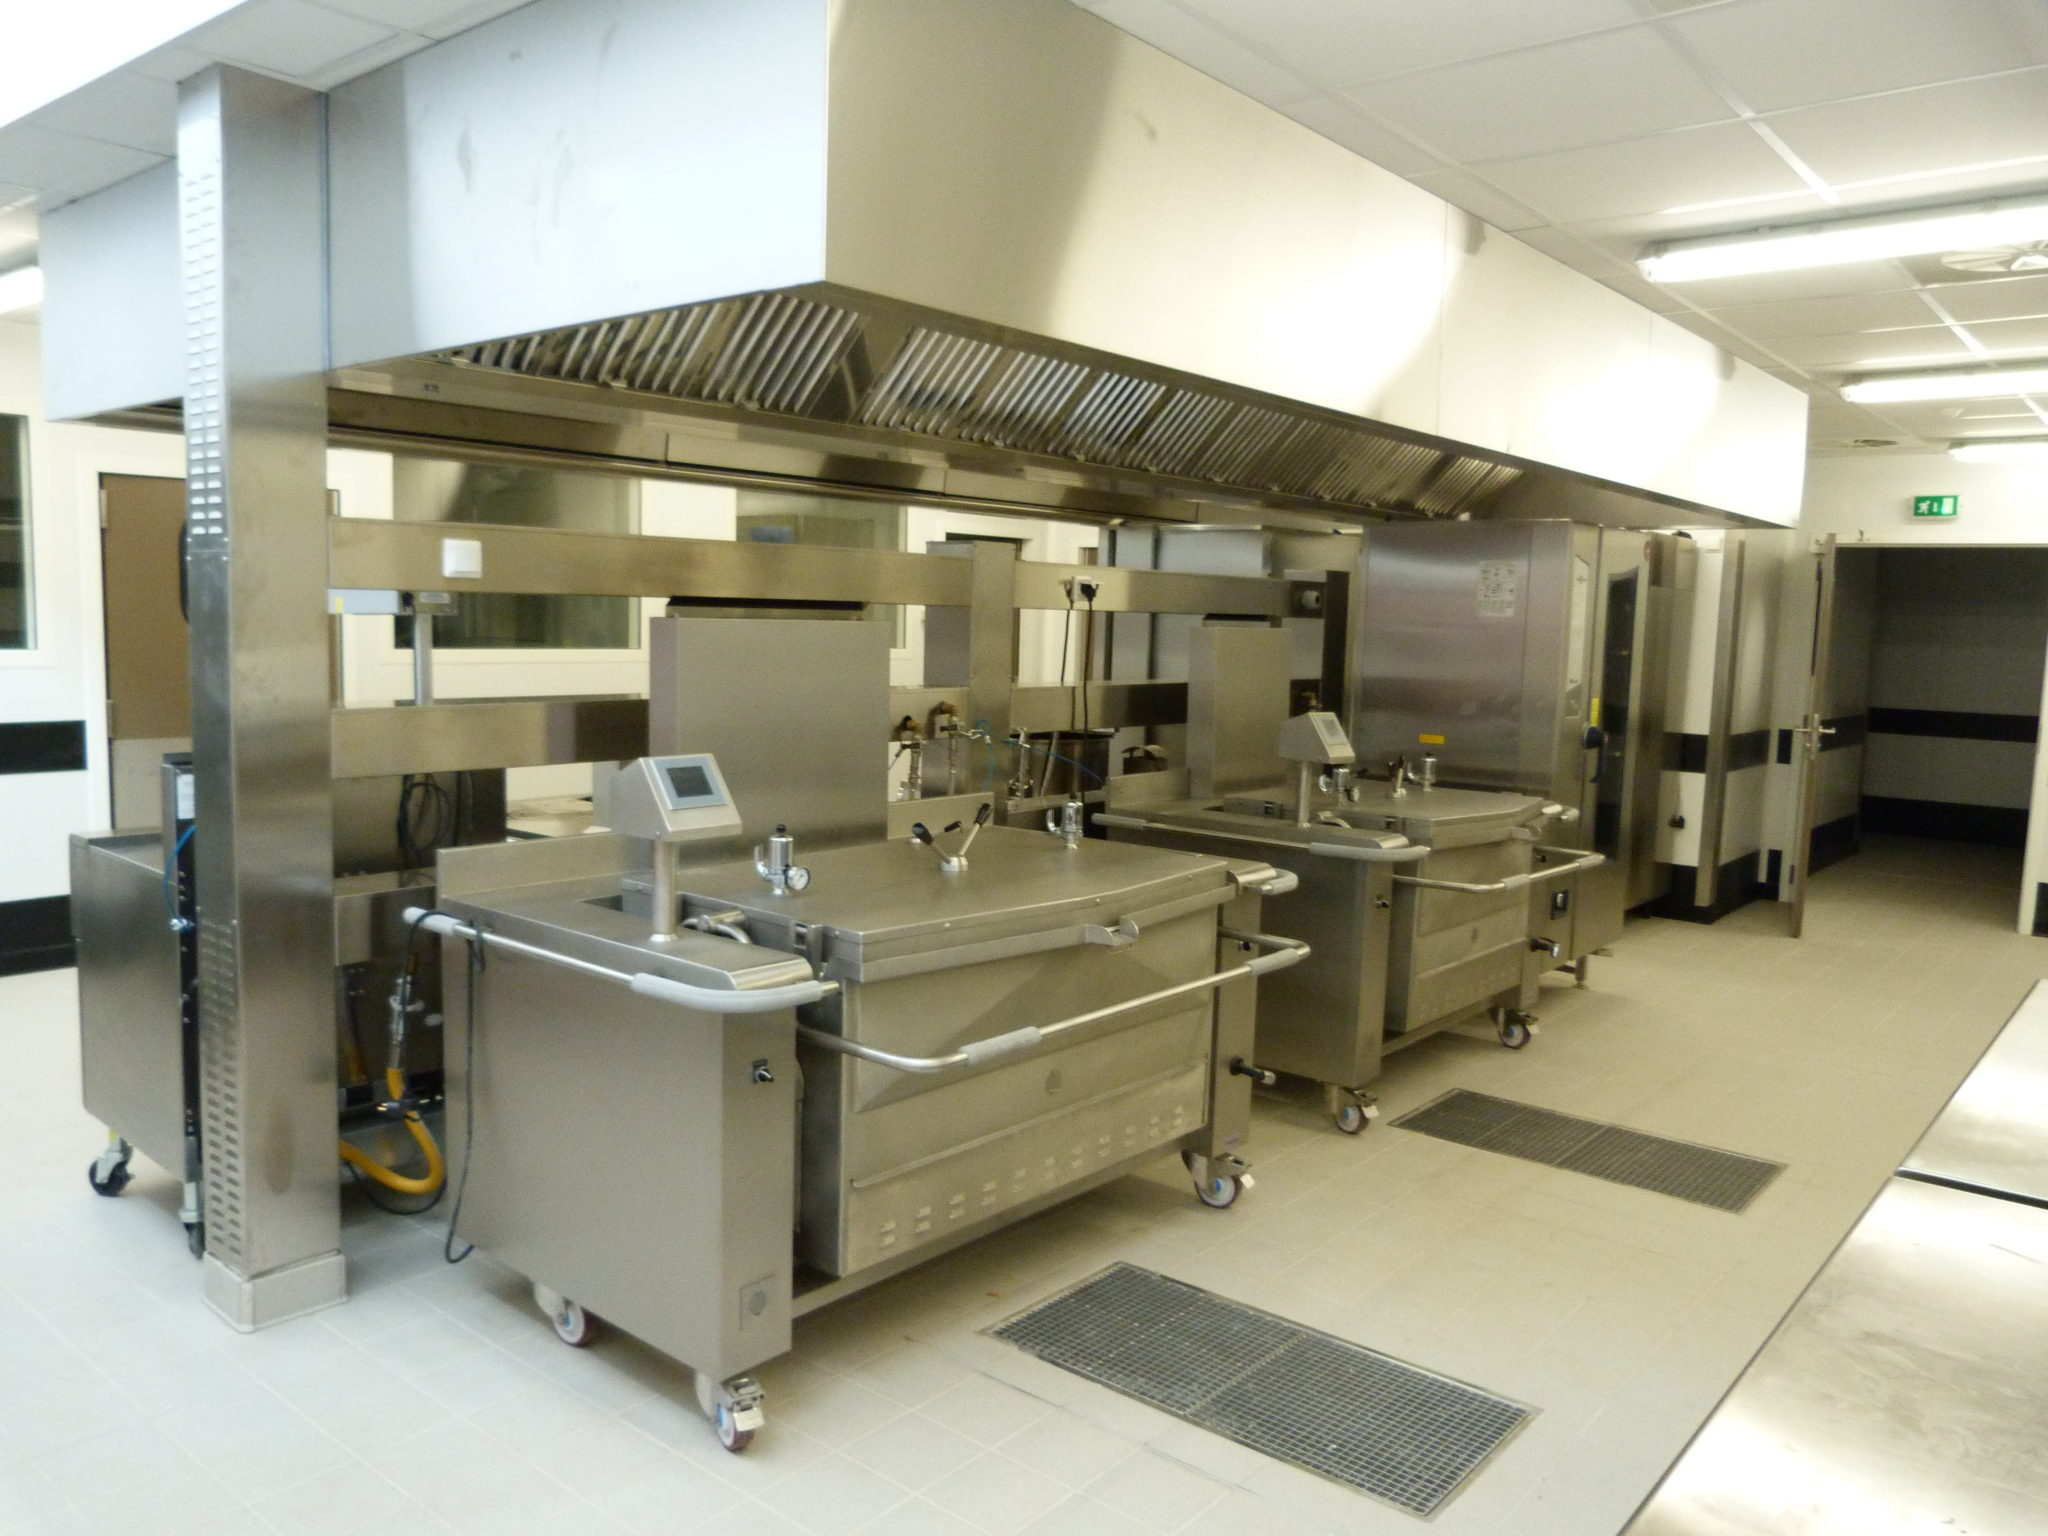 Groupe scolaire cantine cuisine centrale bellegarde - Definition d une cuisine centrale ...